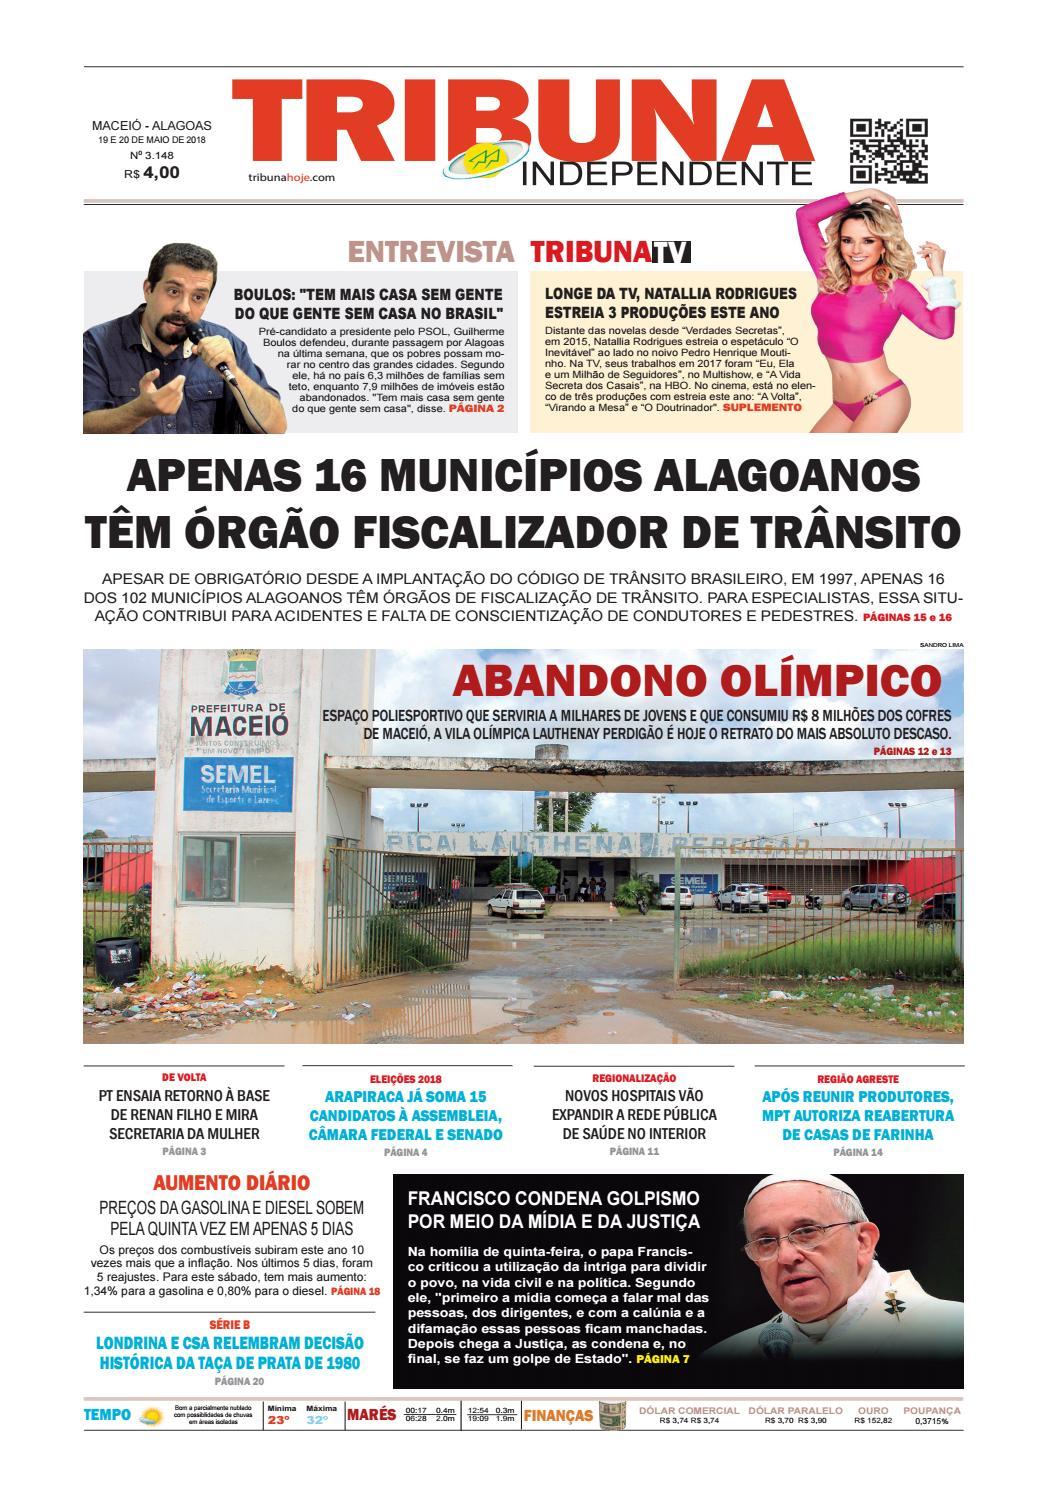 41a54867afdb4 Edição número 3148 - 19 e 20 de maio de 2018 by Tribuna Hoje - issuu